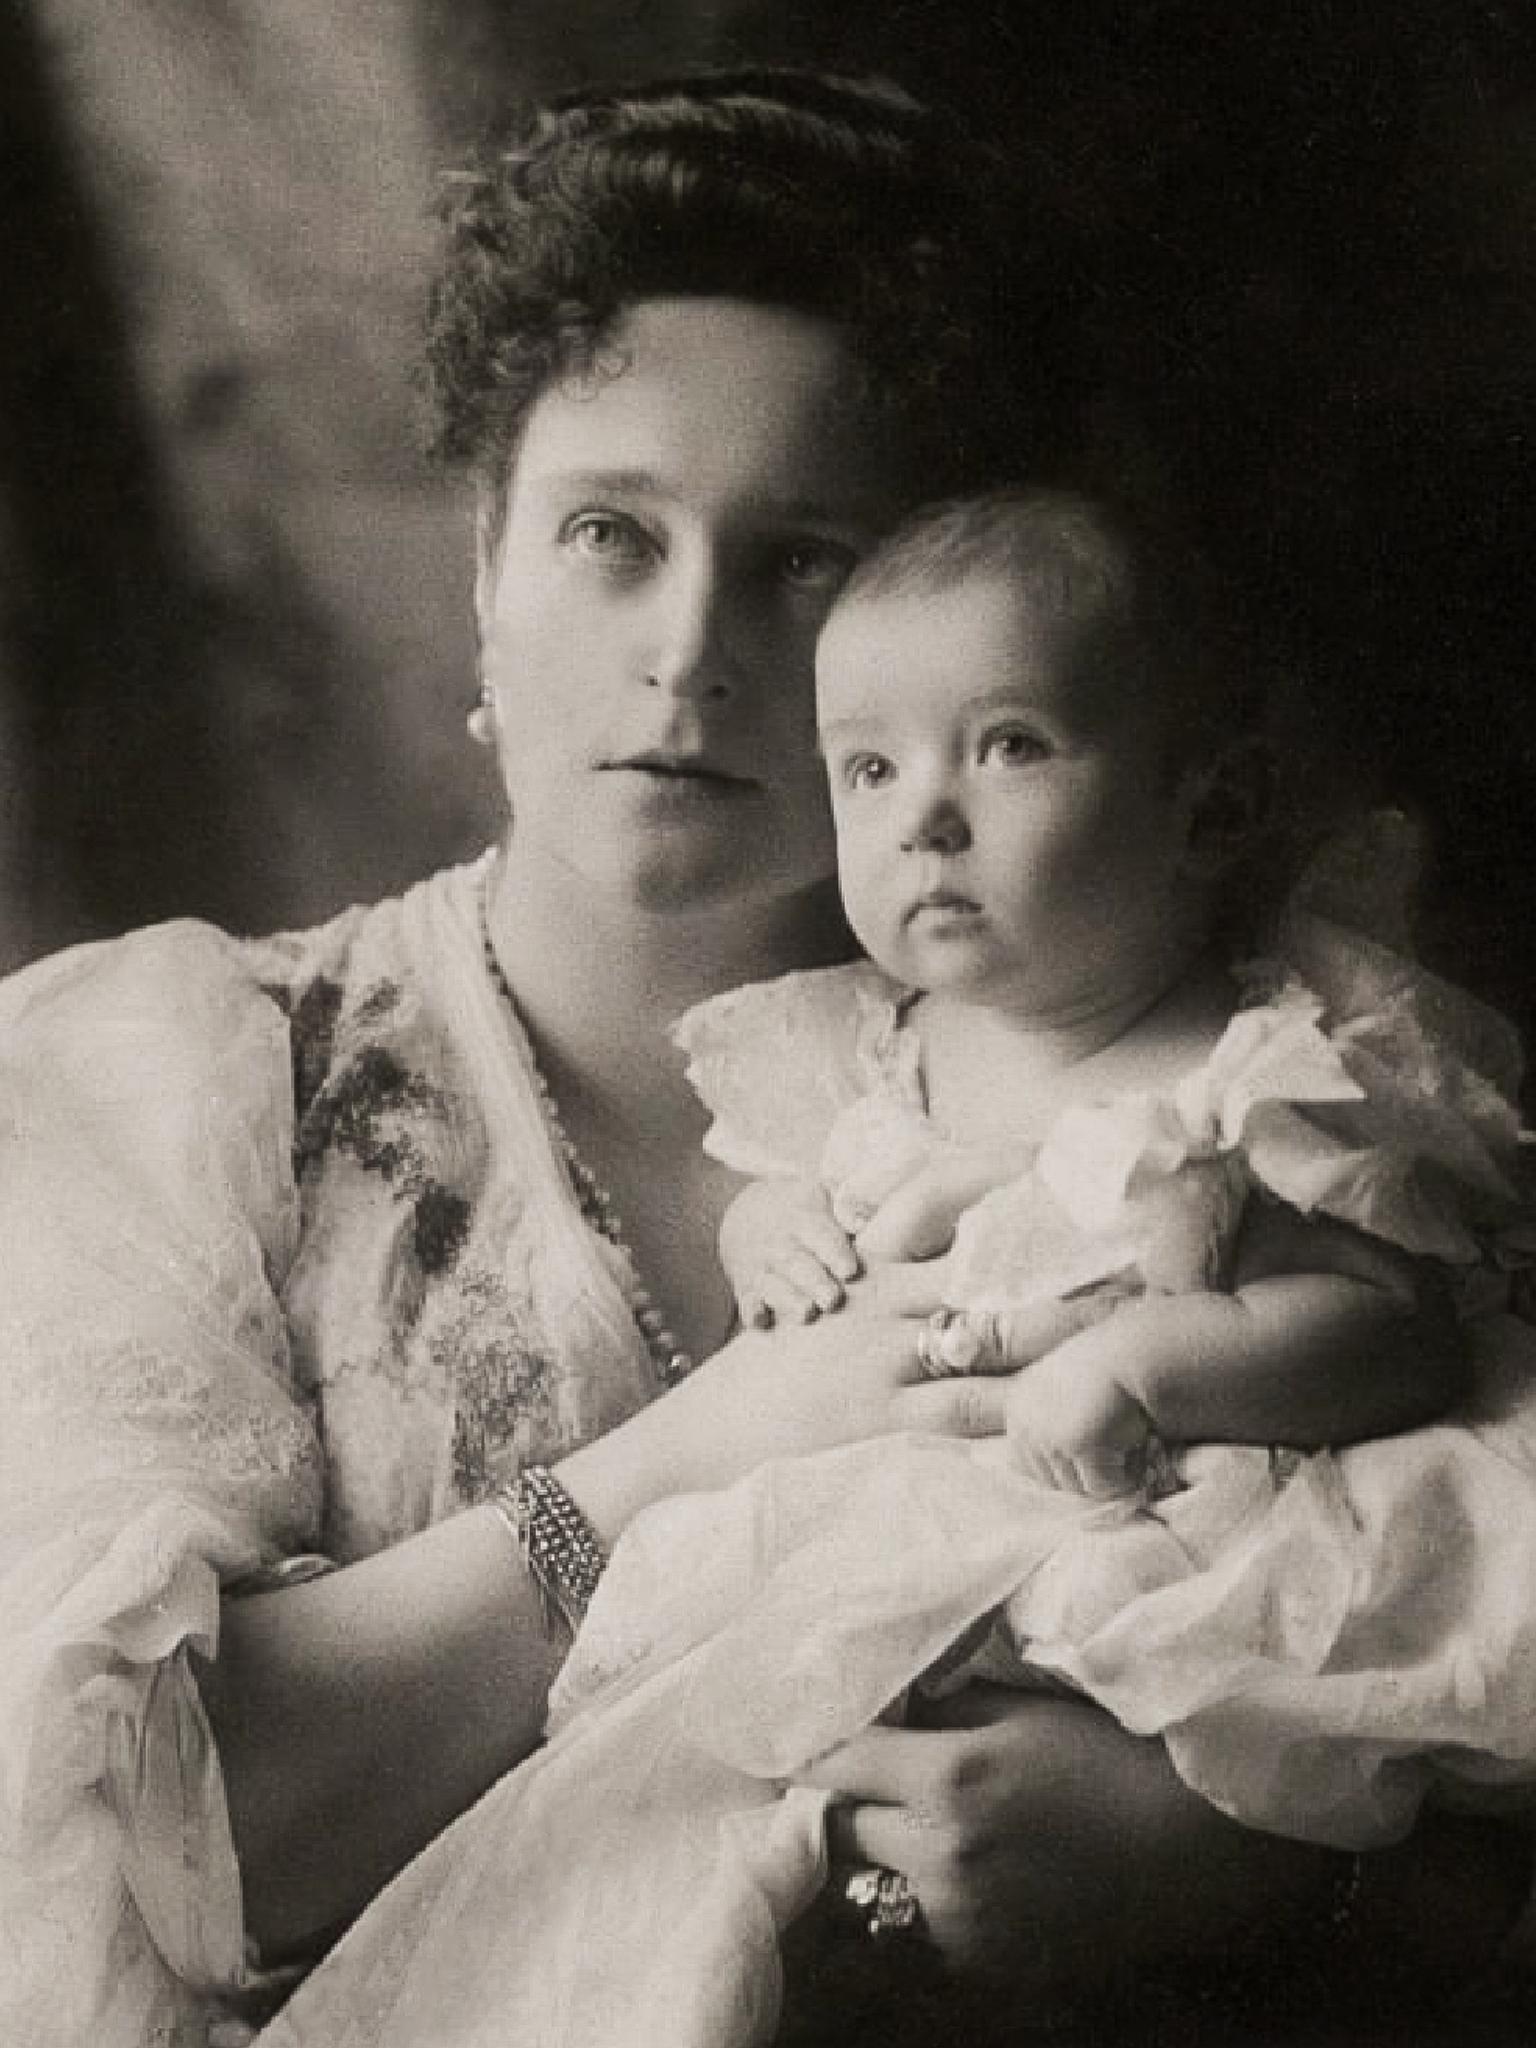 صورة لوريث عرش روسيا ألكسي مع والدته